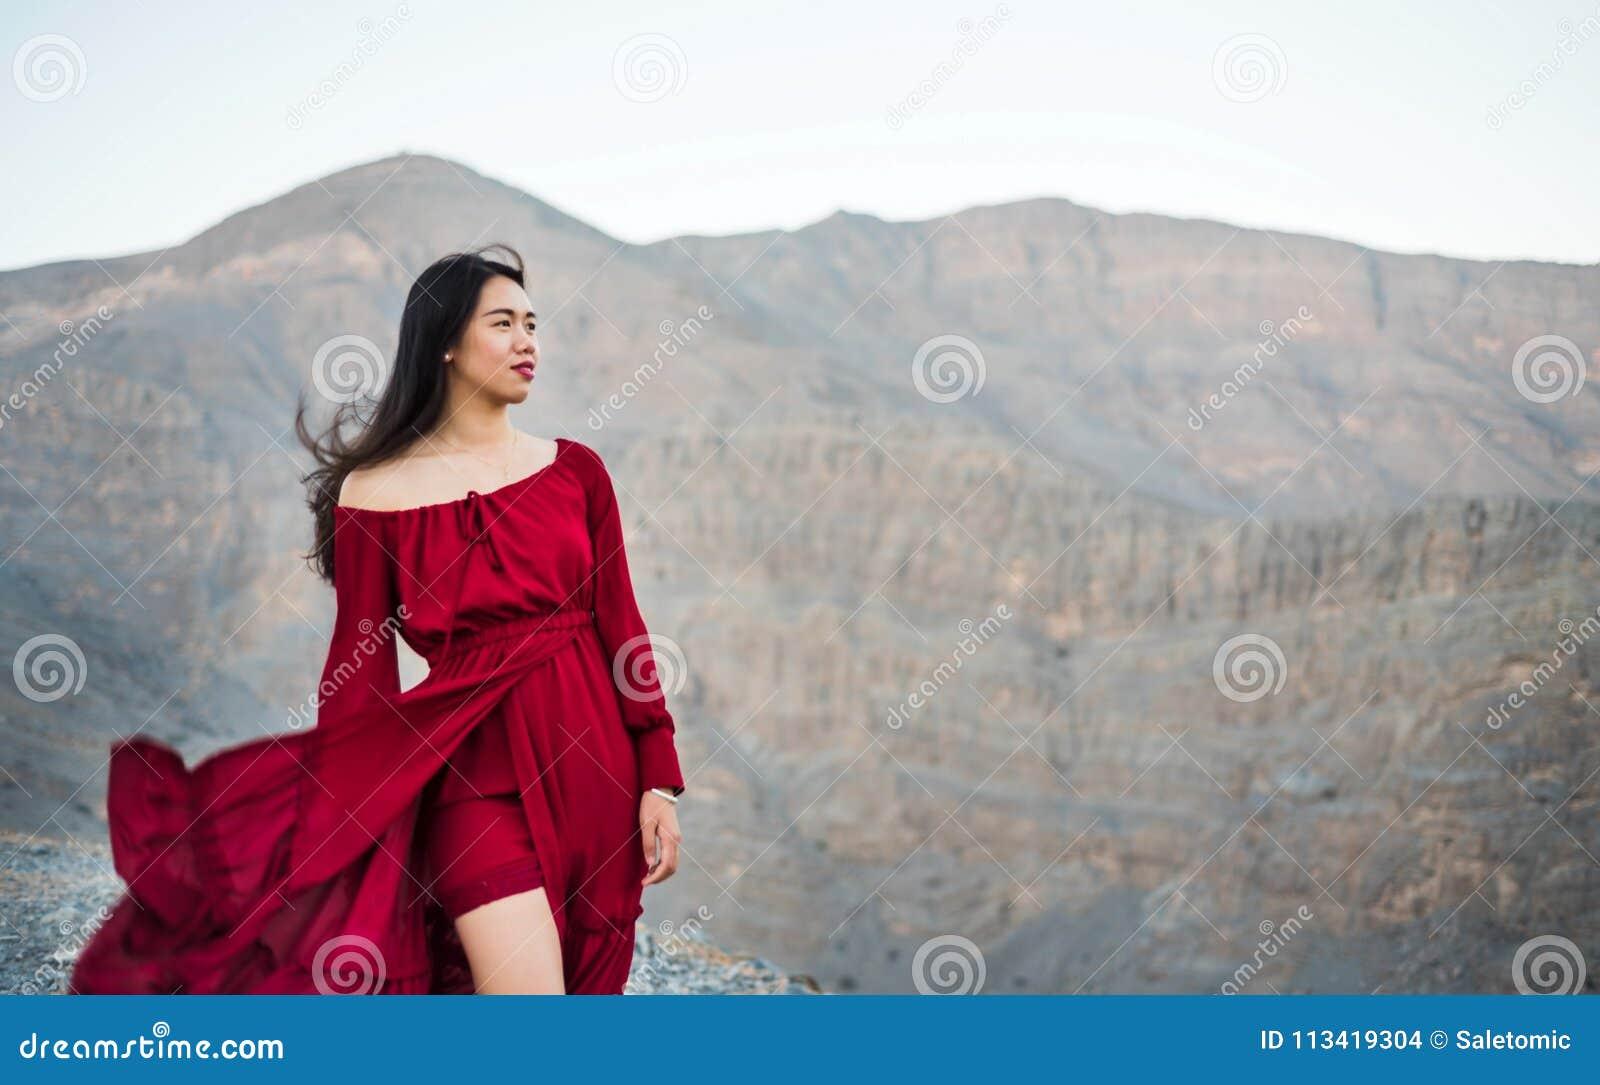 девушка модель горы